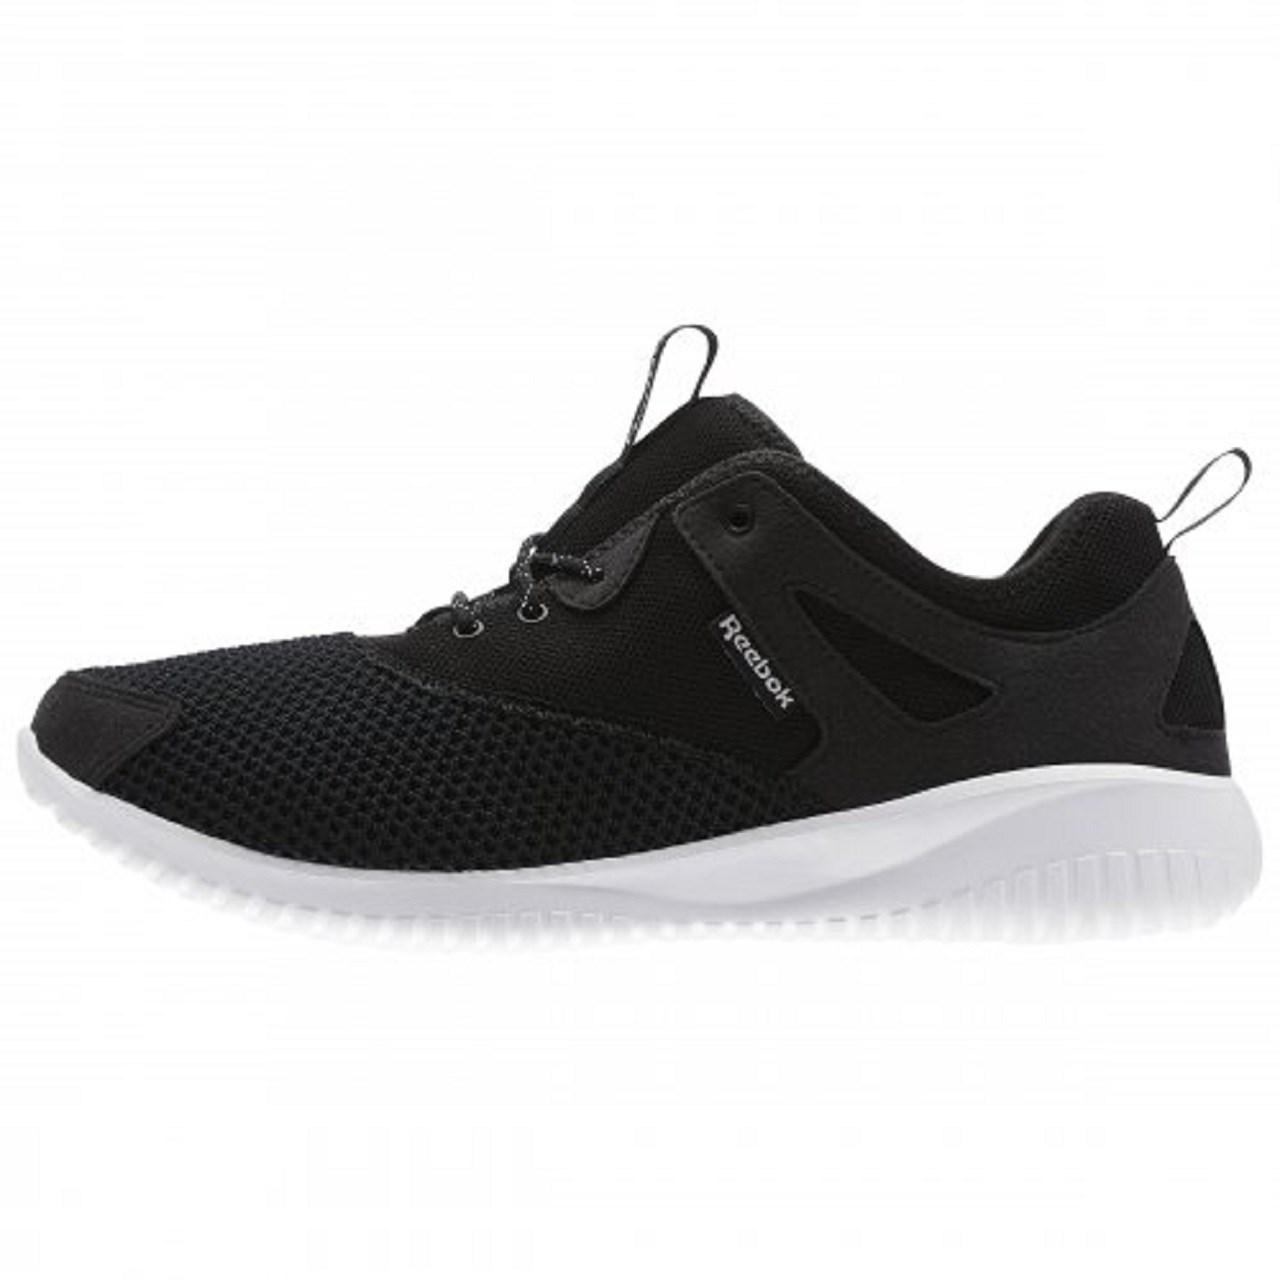 قیمت کفش مخصوص دویدن مردانه ریباک مدل CASUAL STYLESCAPE 2.0